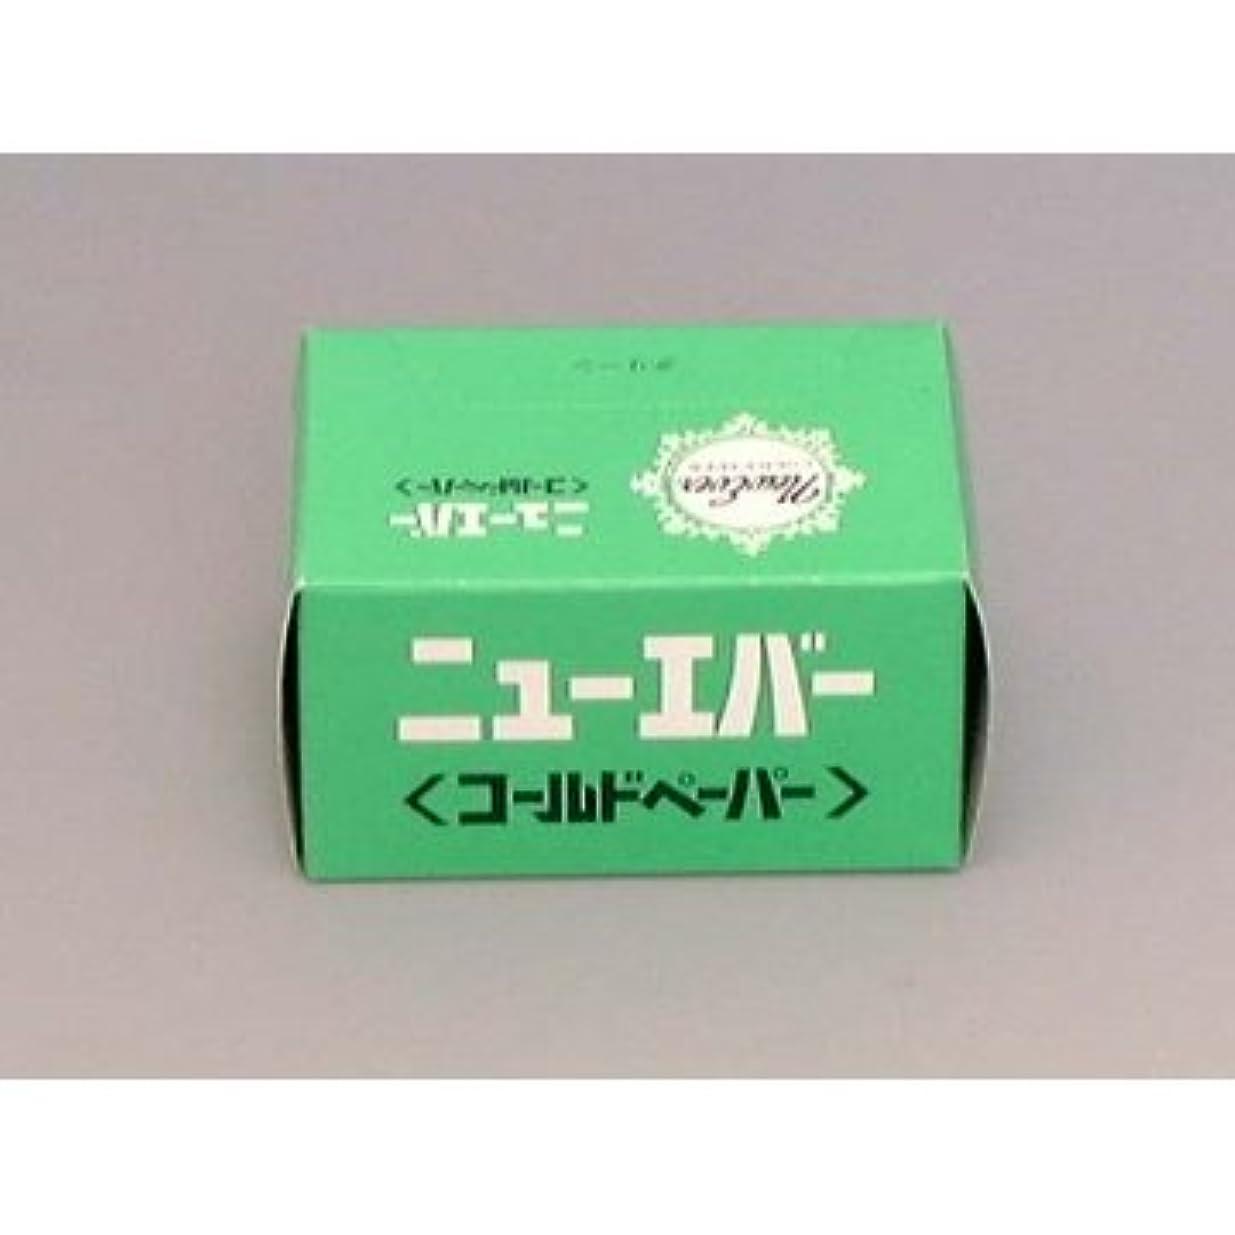 平手打ちスカルク二米正 ニューエバー コールドペーパー グリーン スモールサイズ 300枚入